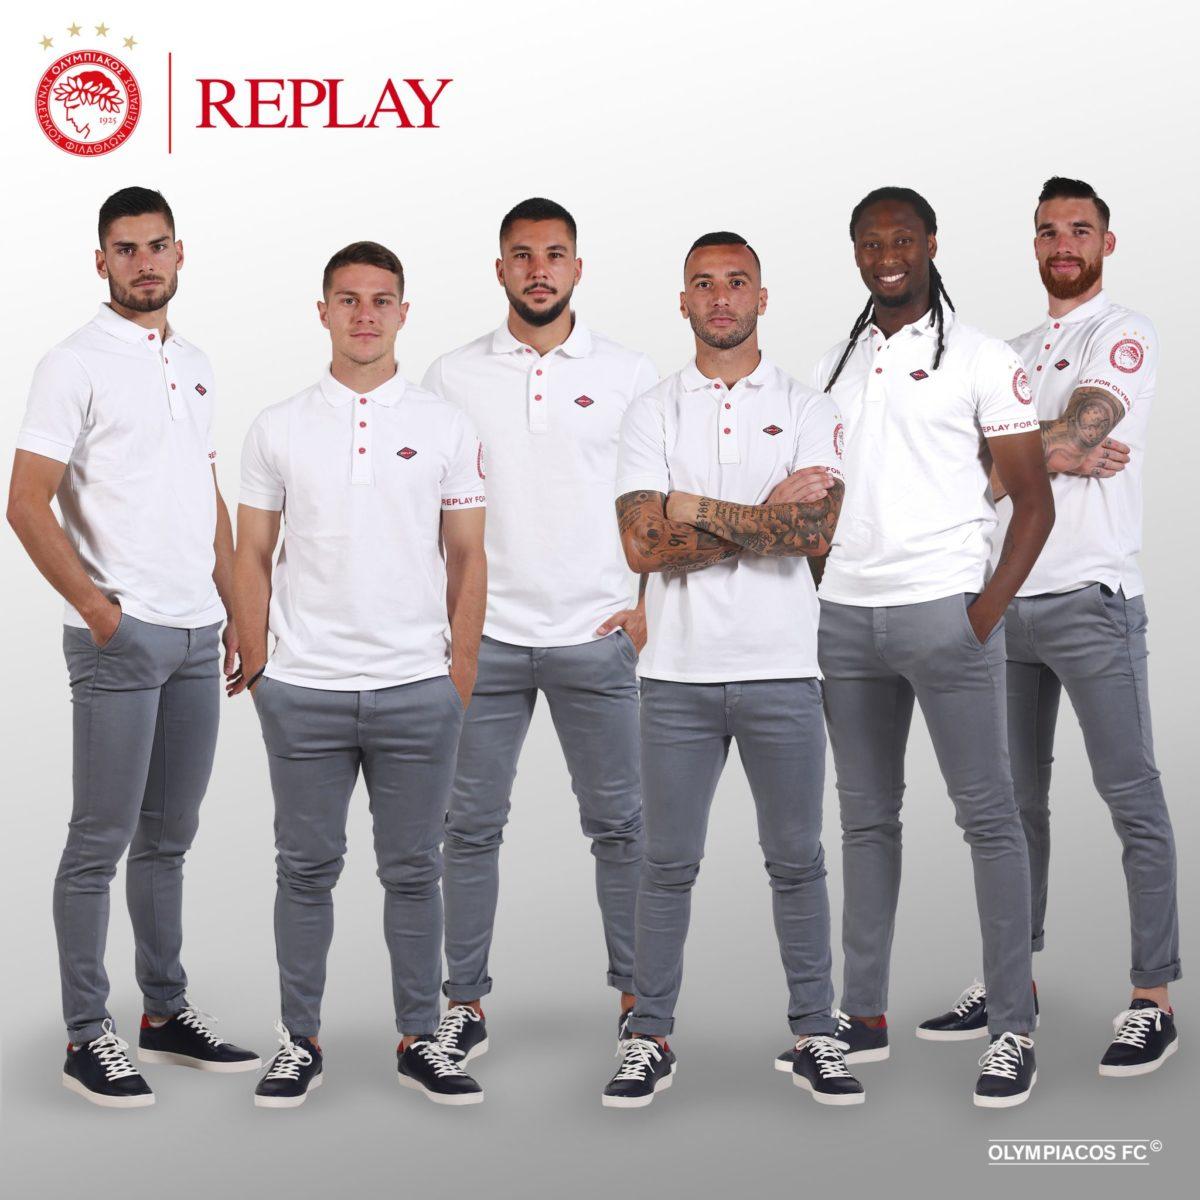 Ολυμπιακός – Replay επιτυχία στο κόκκινο για τέταρτη συνεχόμενη χρονιά!